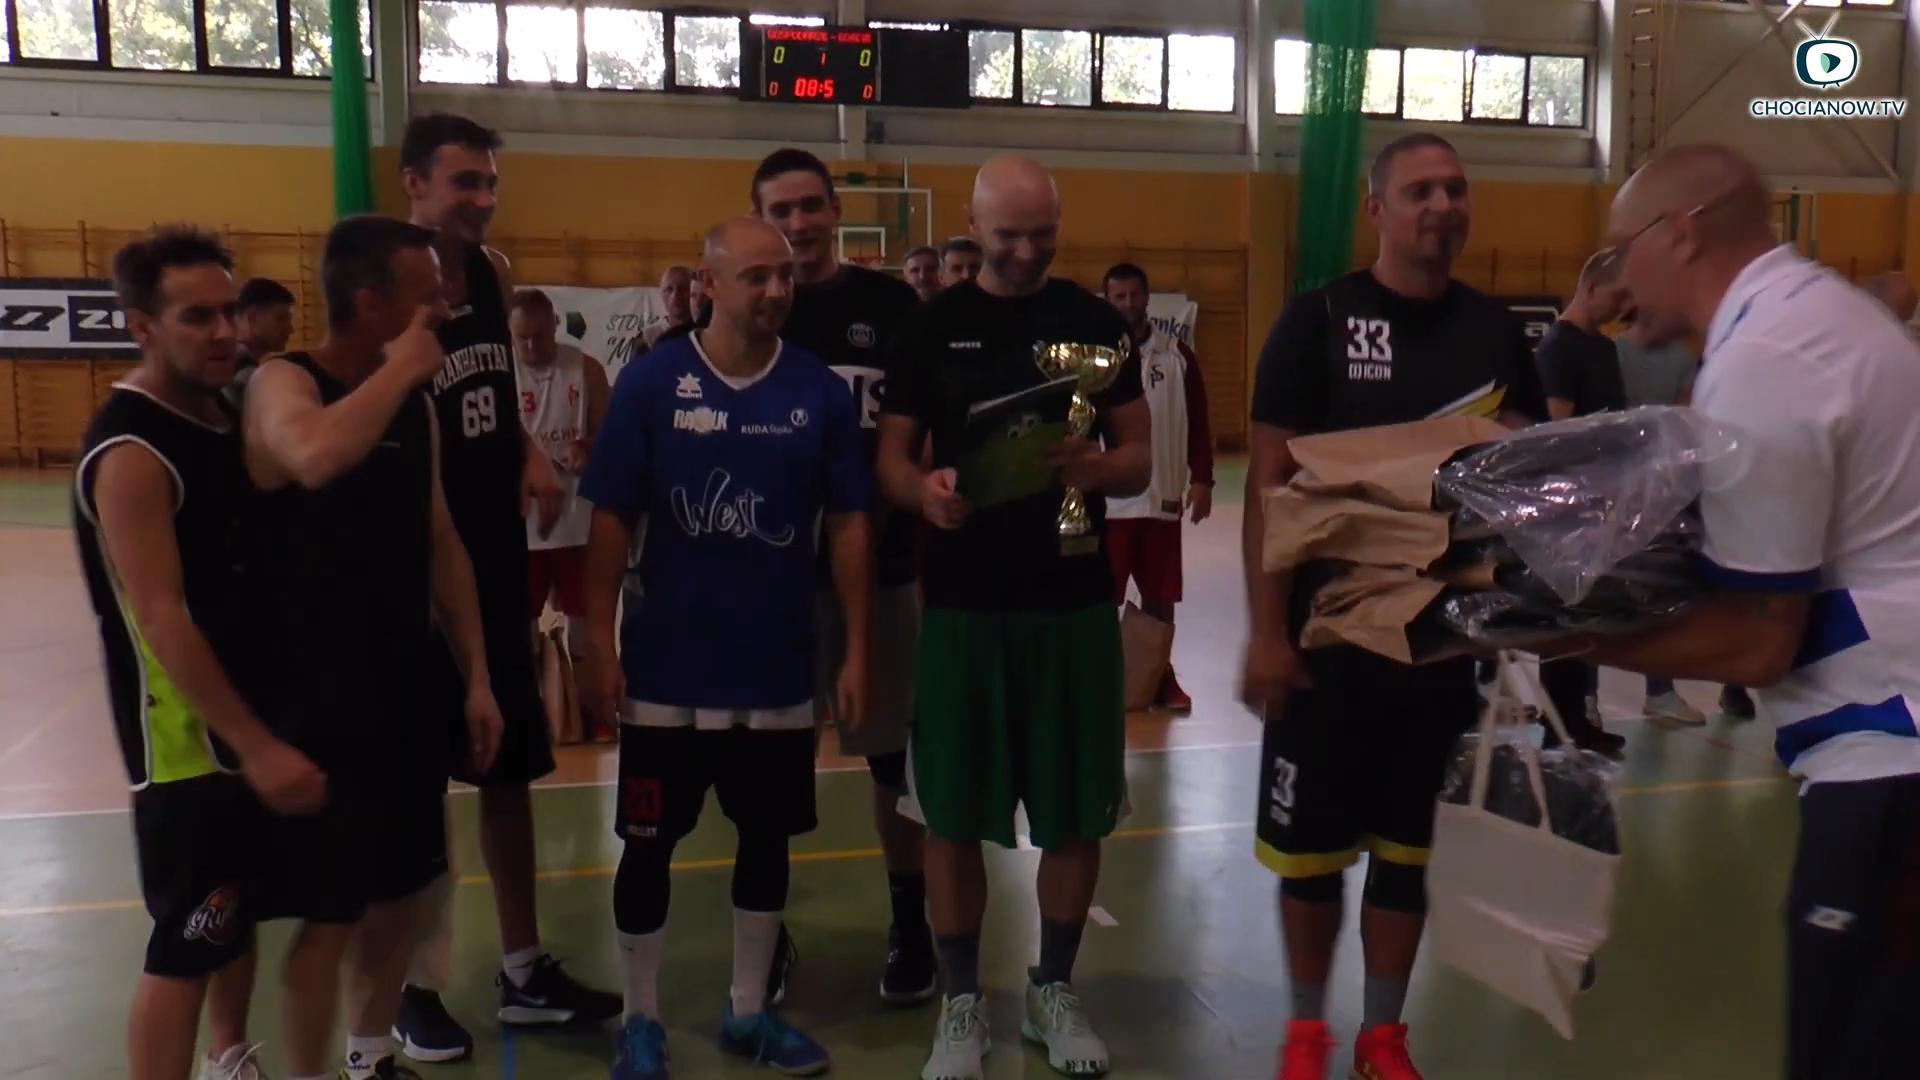 IV Mistrzostwa Chocianowa dla drużyny ze Śląska (wideo)